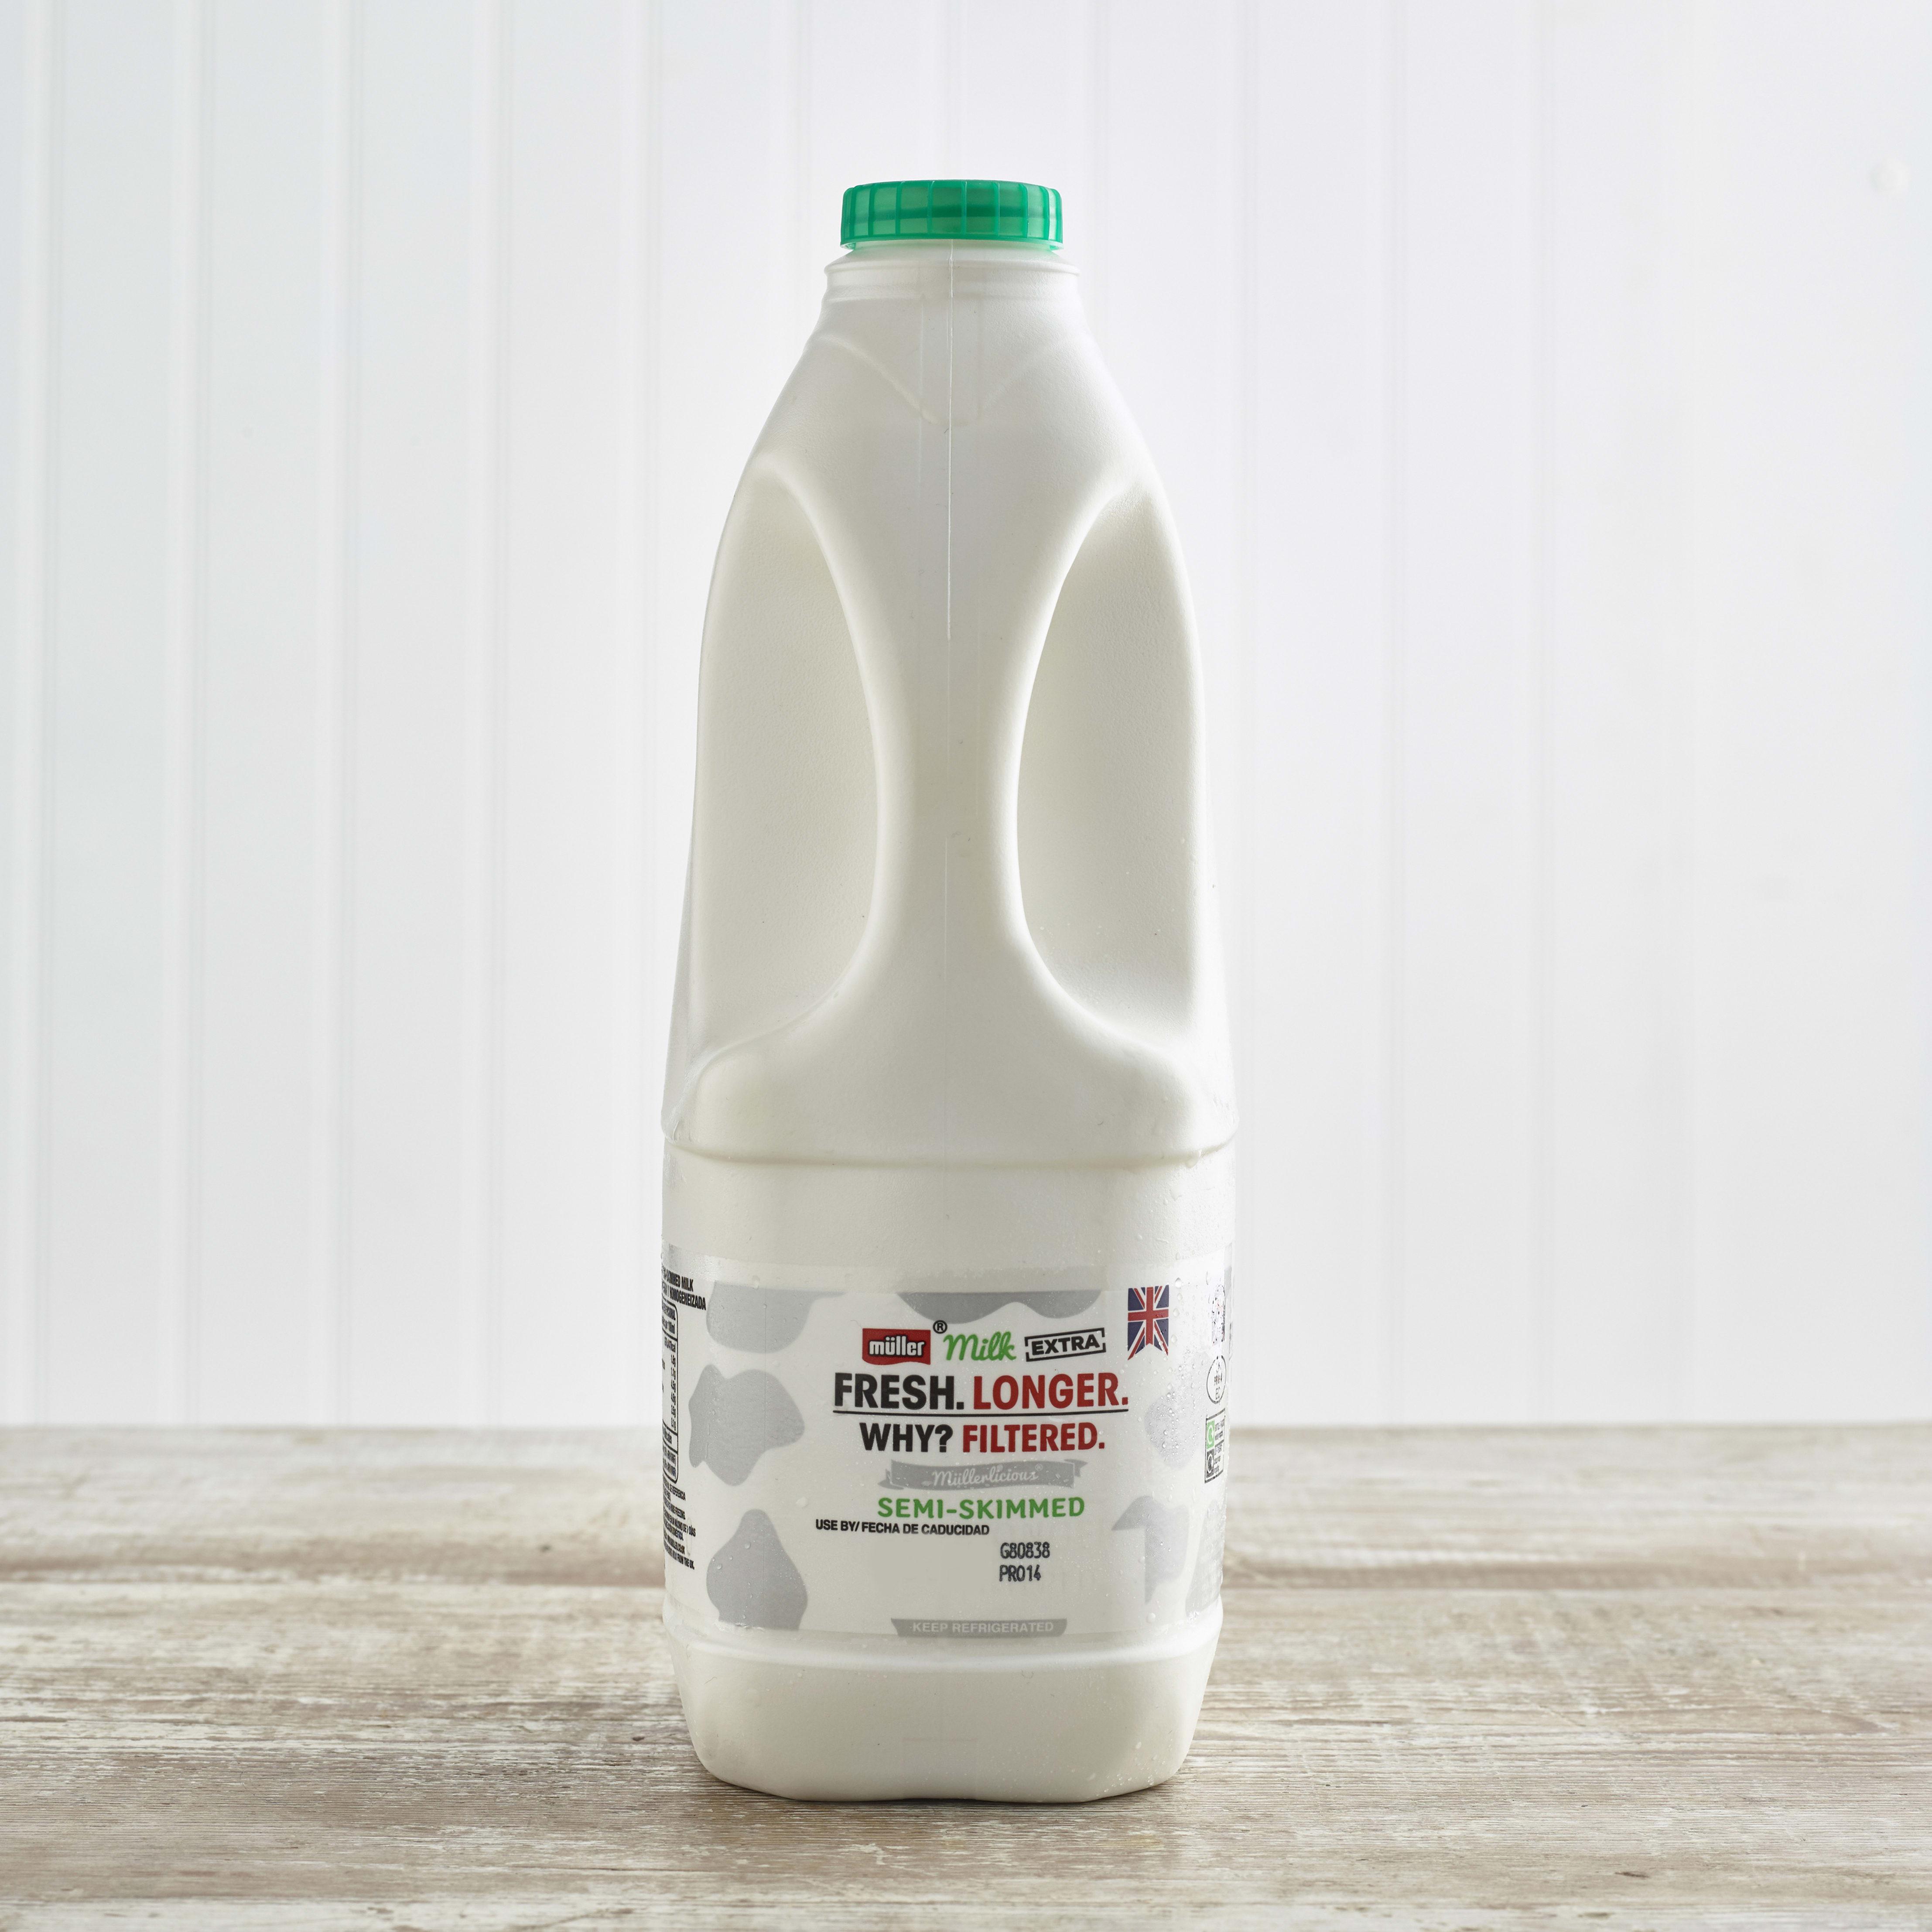 Muller Milk Extra Semi Skimmed Milk, 2LTR